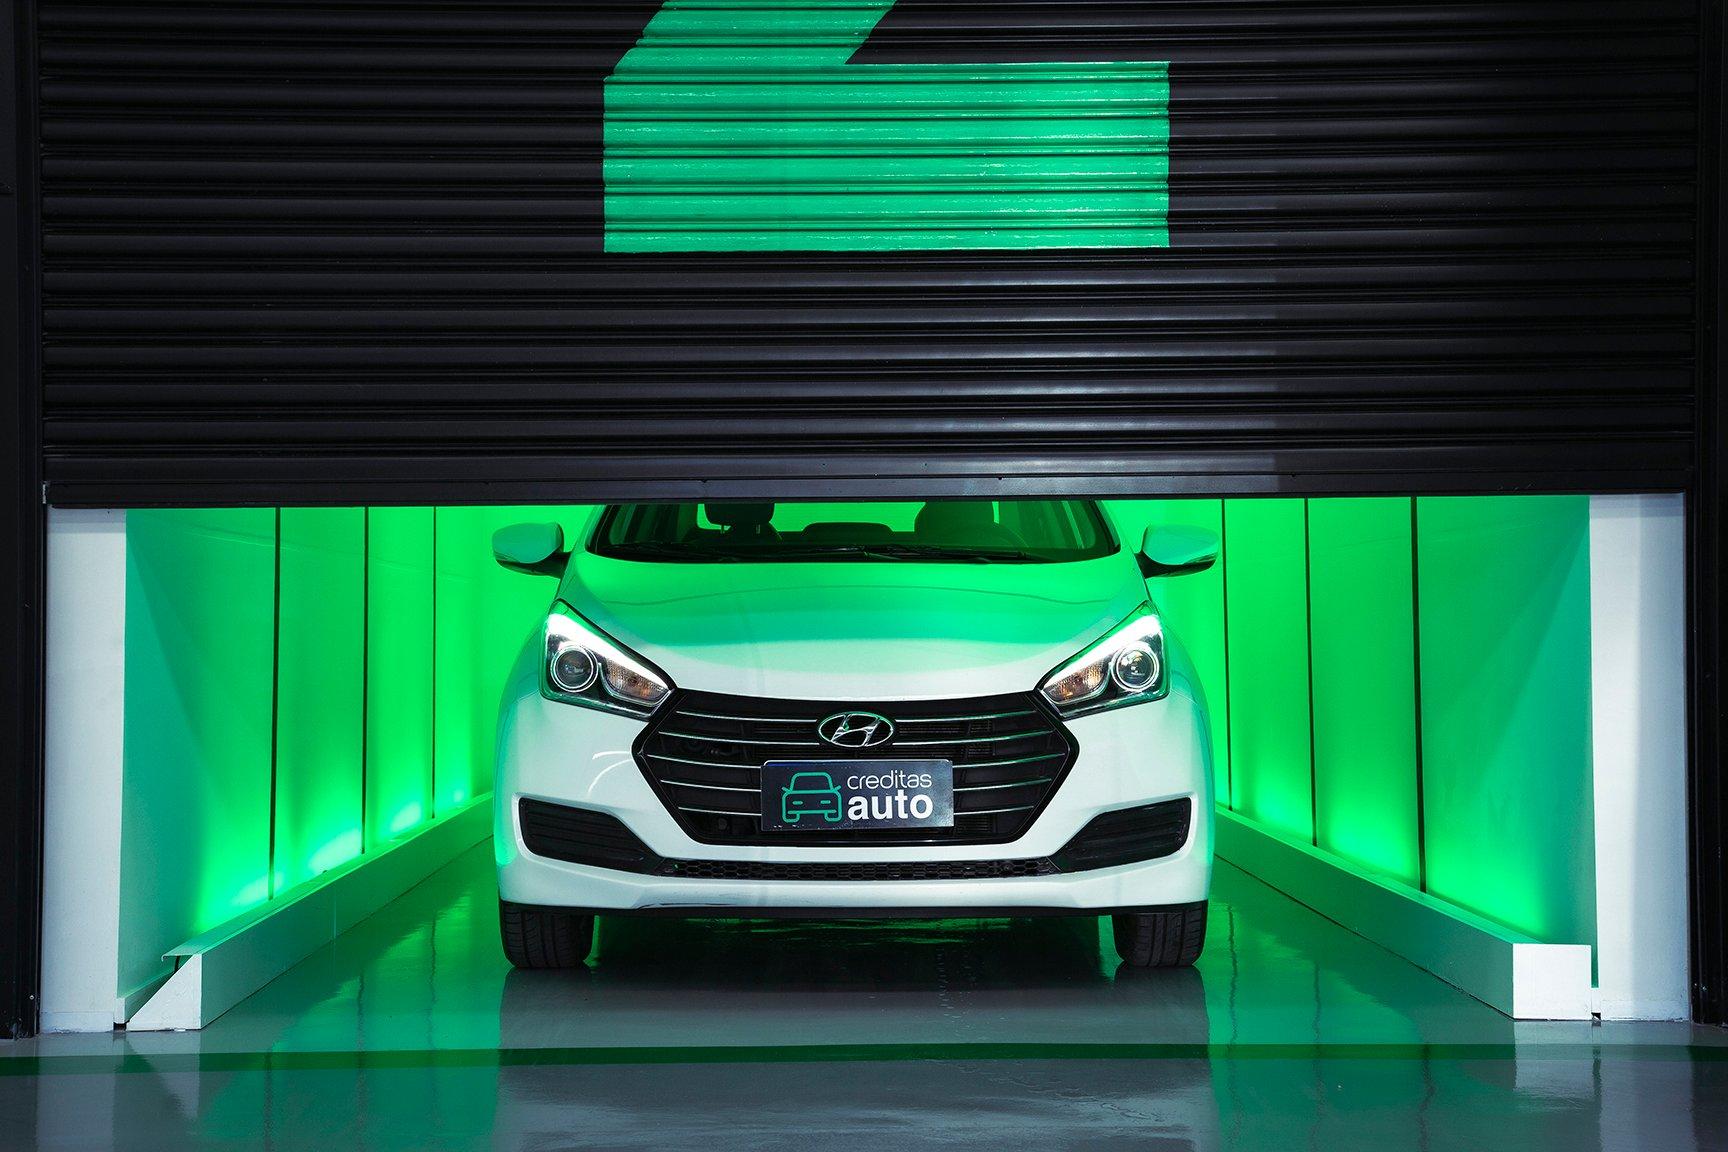 BREAKING: Creditas compra a Volanty para reforçar atuação no segmento de veículos